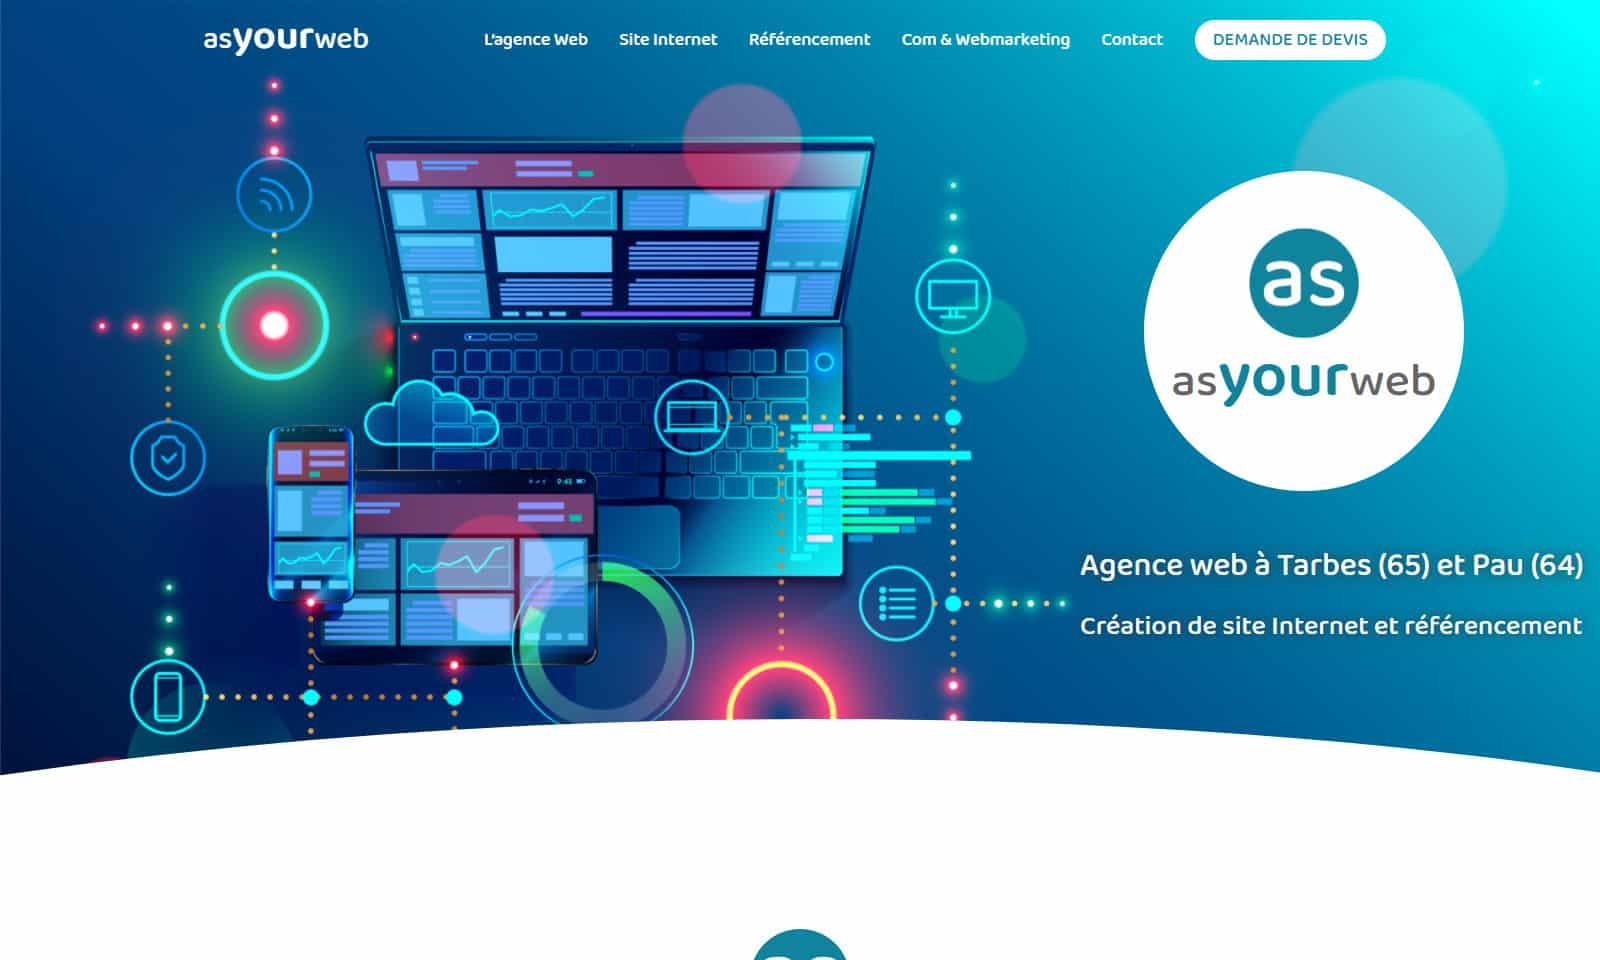 Mise en ligne du nouveau site Internet Asyourweb